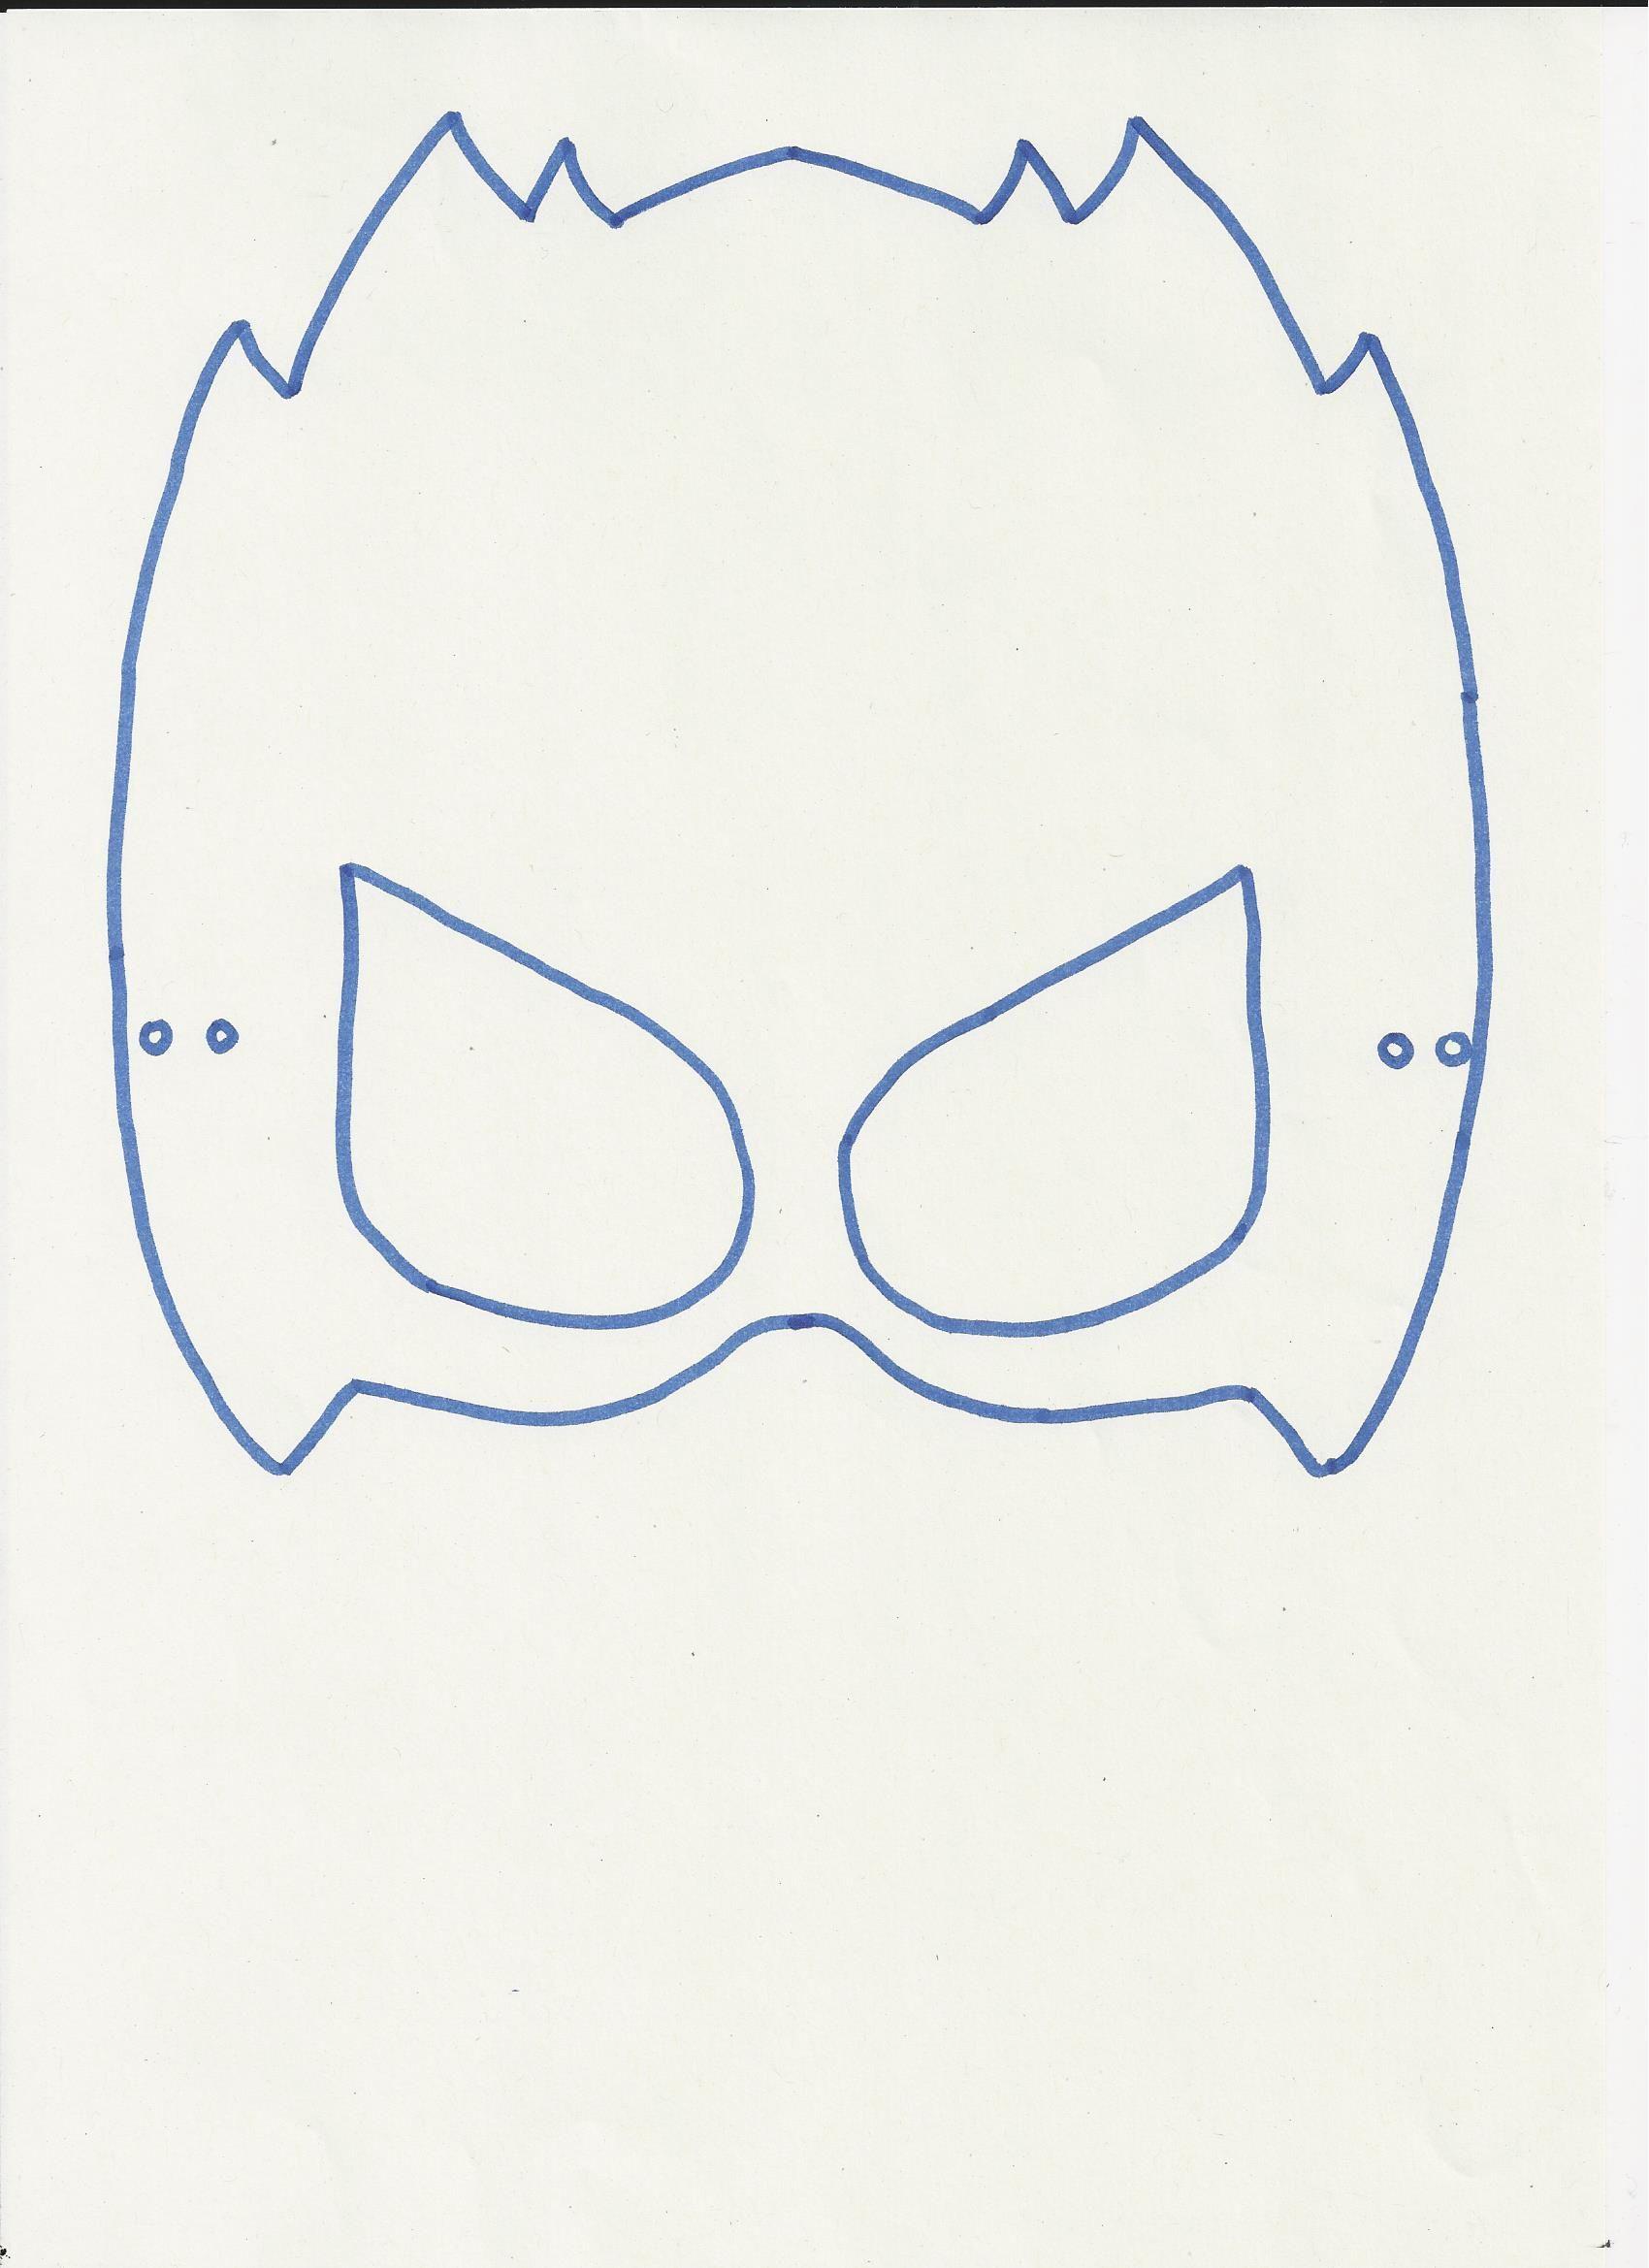 Masker Van Mega Toby Om Te Kleuren Schilderen Kleuren Masker Mega Knutselen Carnaval Themafeestjes Superheldenfeest